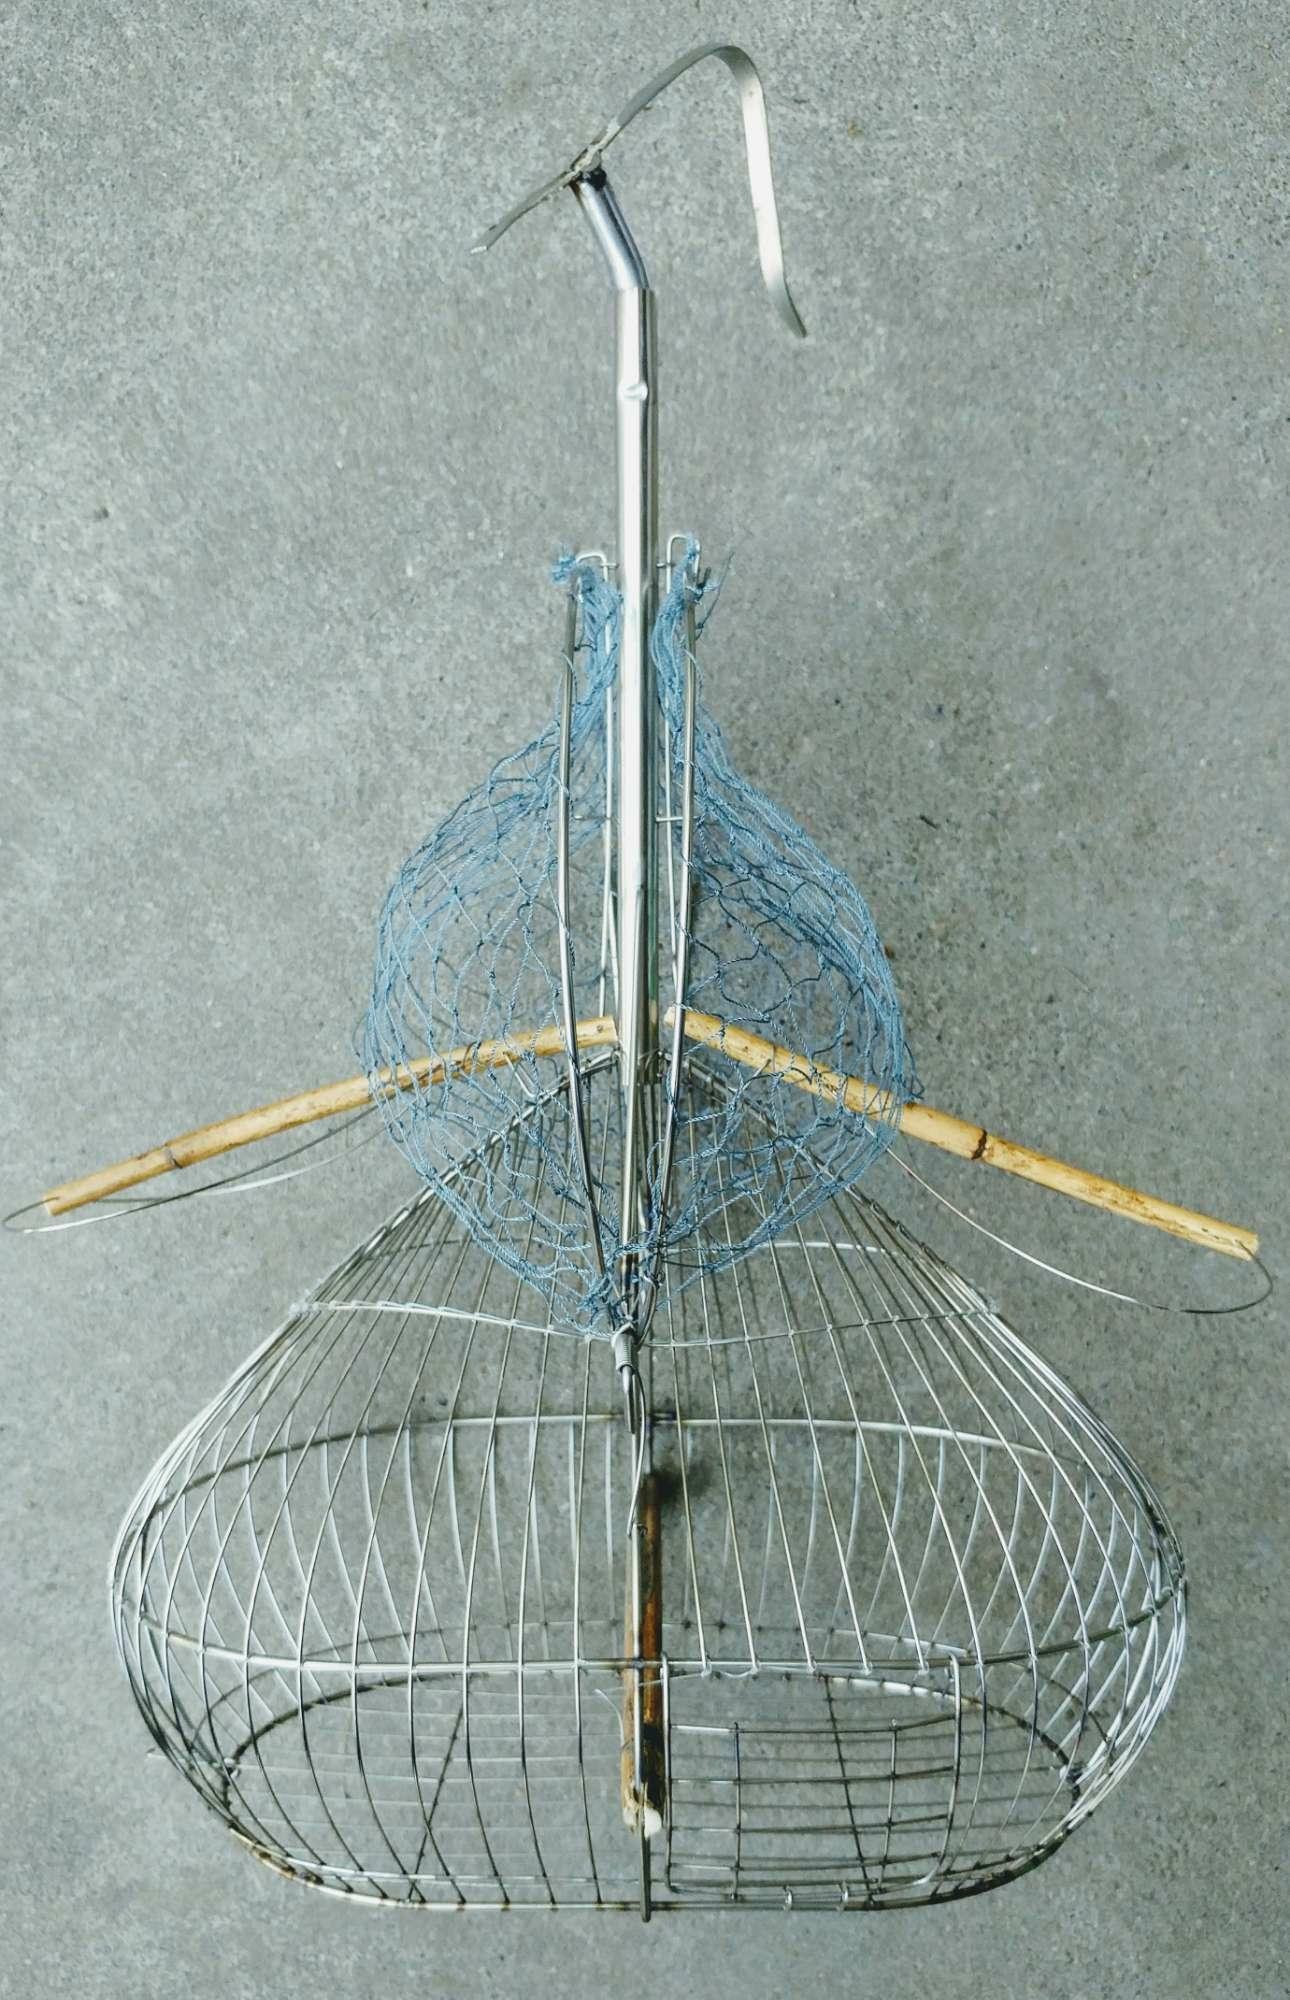 Lồng bẫy chim inox chuyên dụng bẫy khuyên, sâu và các loại chim nhỏ